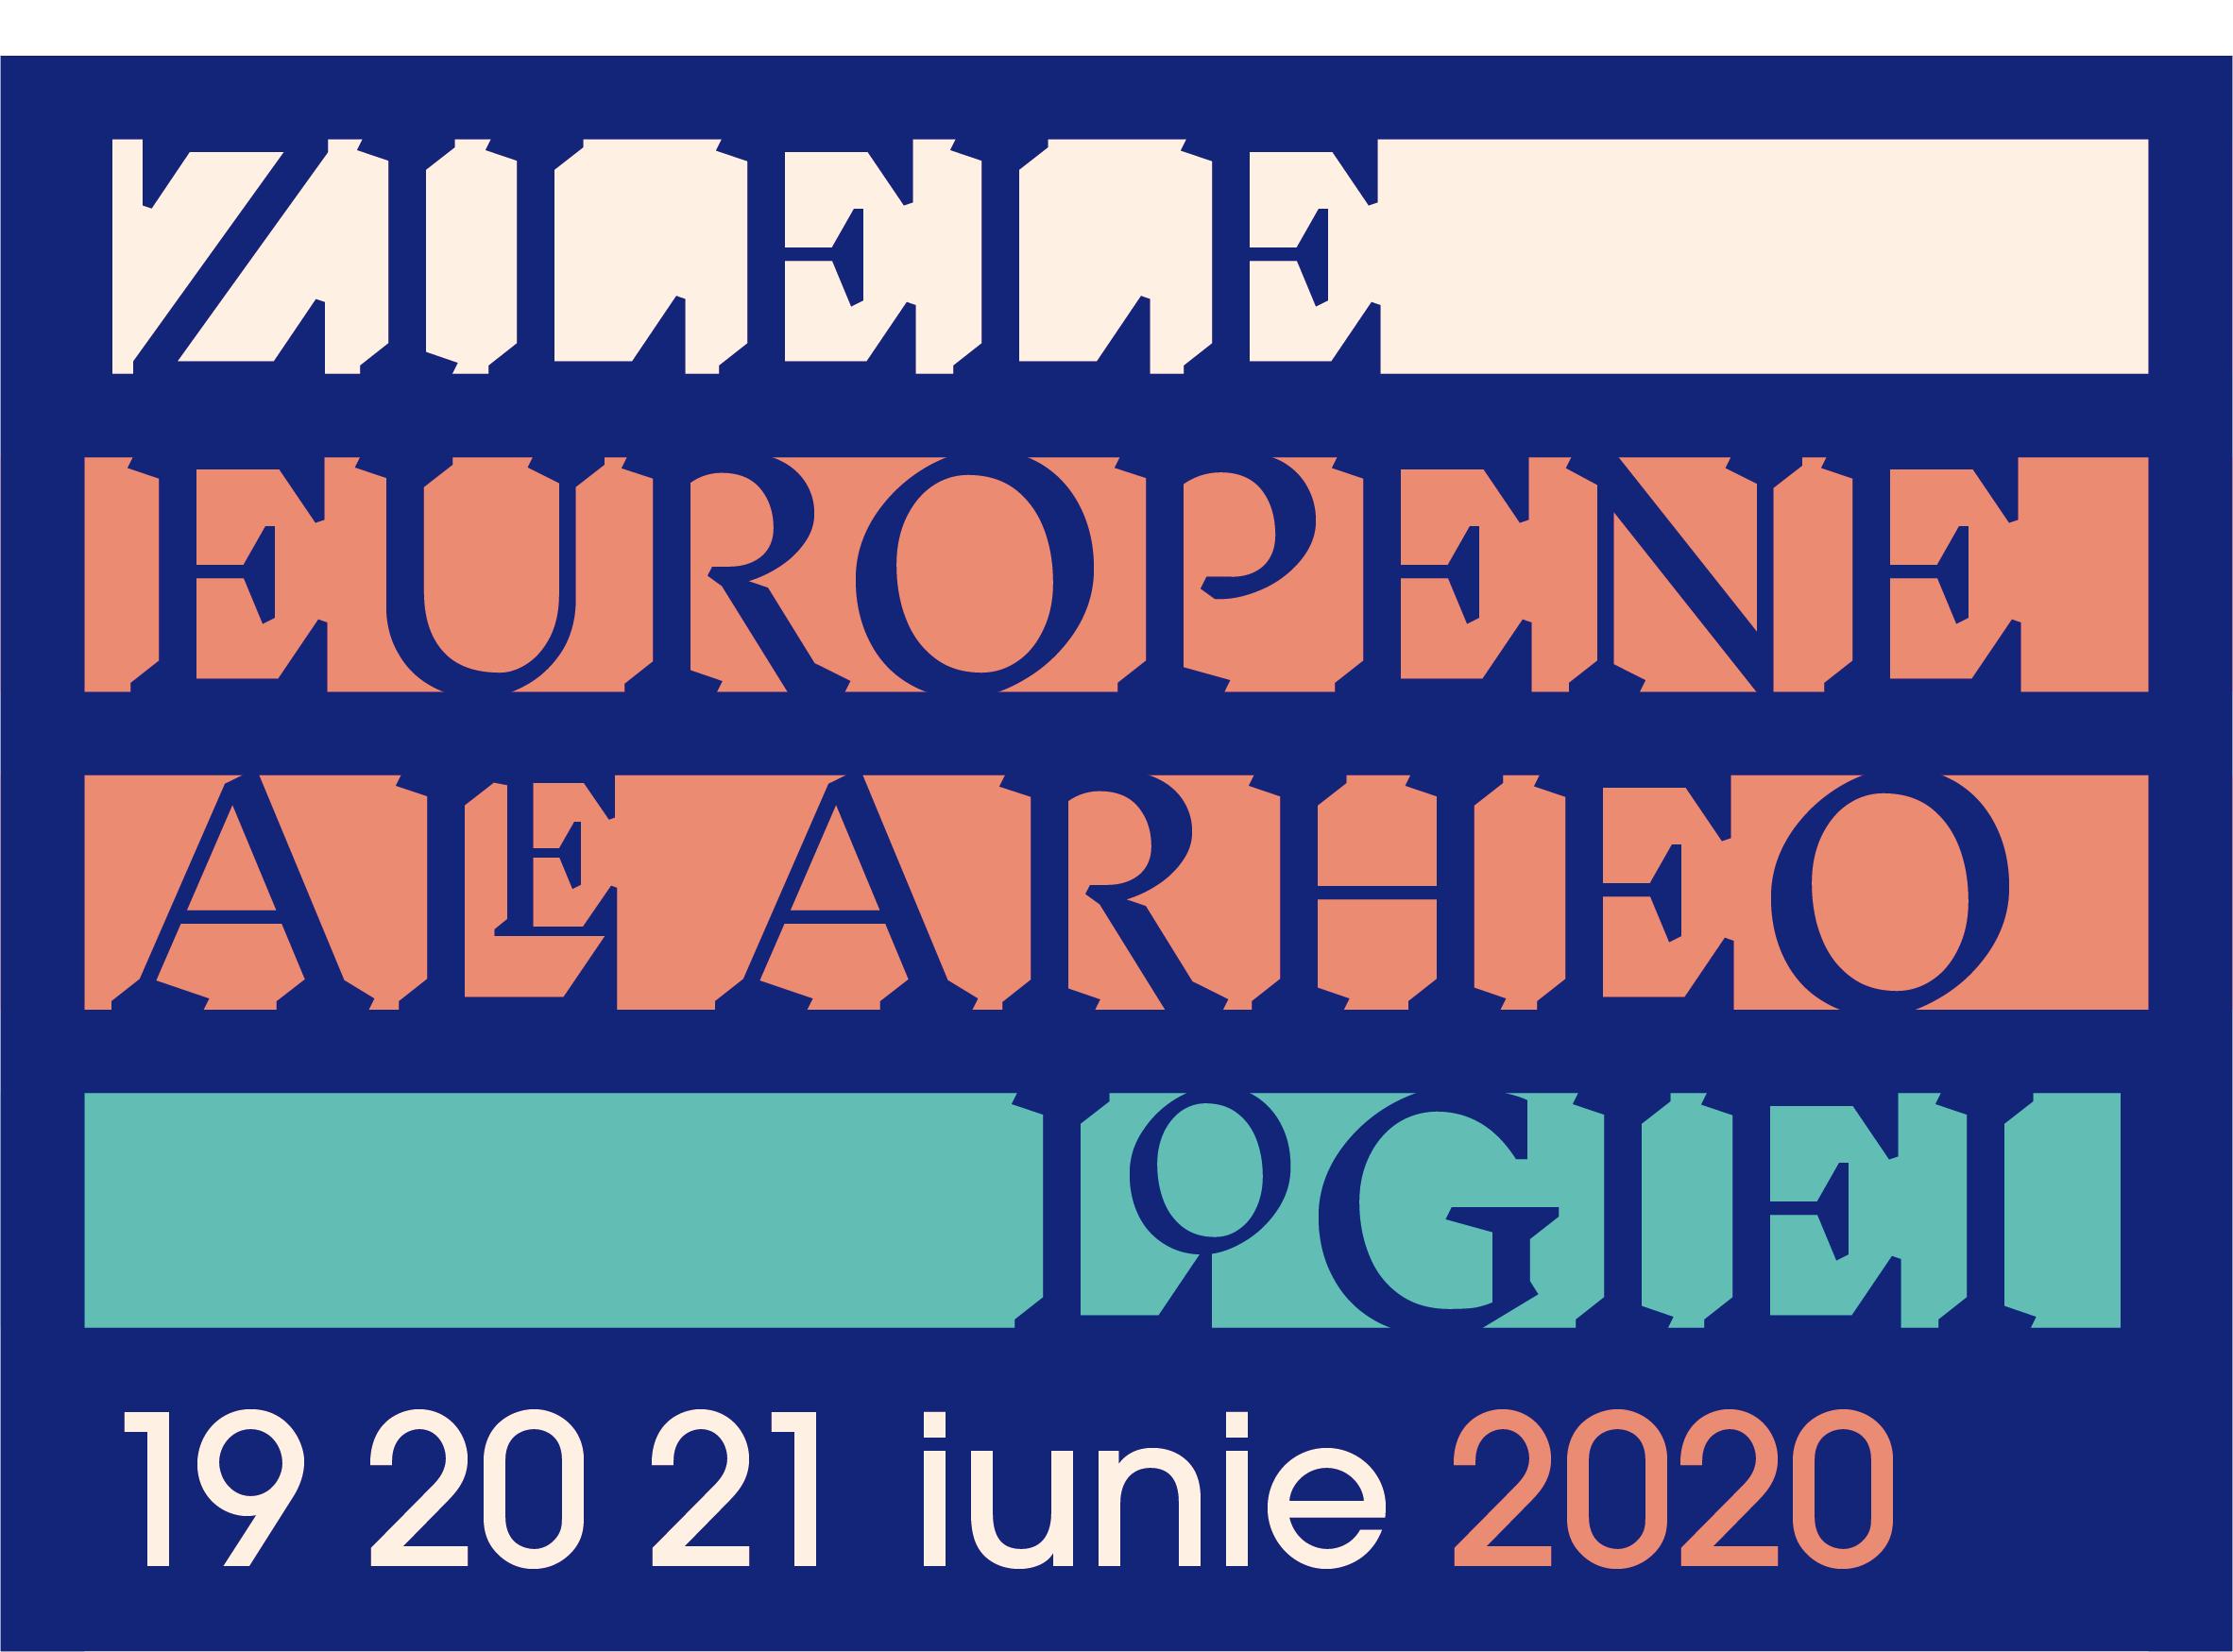 Institutul Naţional al Patrimoniului vă invită să participaţi la Zilele Europene ale Arheologiei (19-21 iunie 2020)